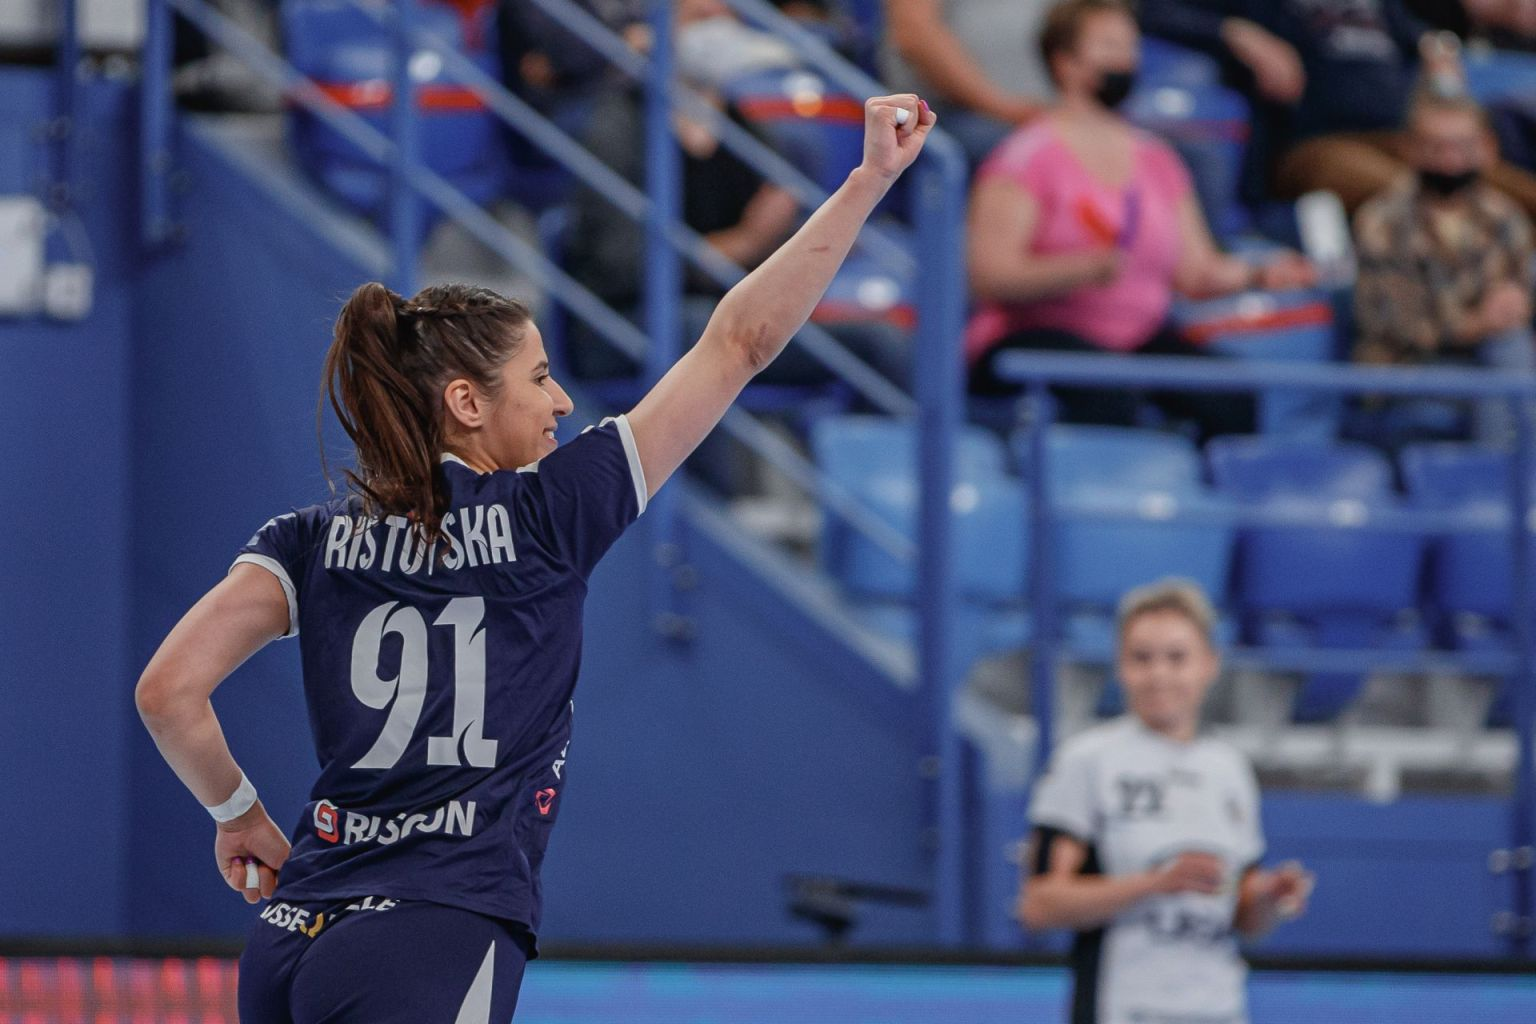 Ристовска и ЦСКА Москва ќе се борат за првата титула во Русија